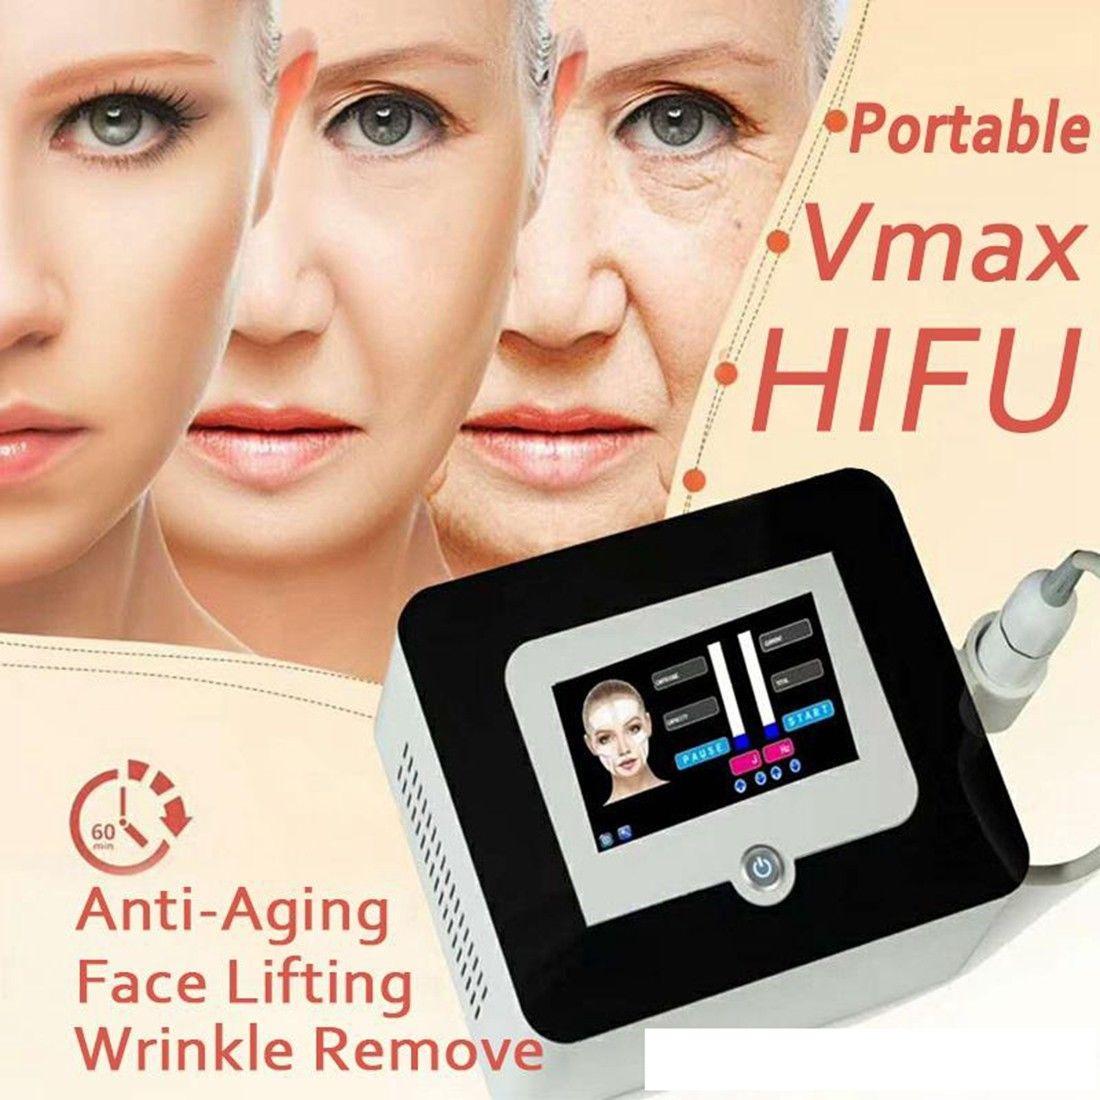 هايت الجودة! نتائج جيدة HIFU شد الوجه وركزت عالية الكثافة الموجات فوق الصوتية لمكافحة الشيخوخة إزالة التجاعيد VMAX HIFU آلة خرطوشة نصائح